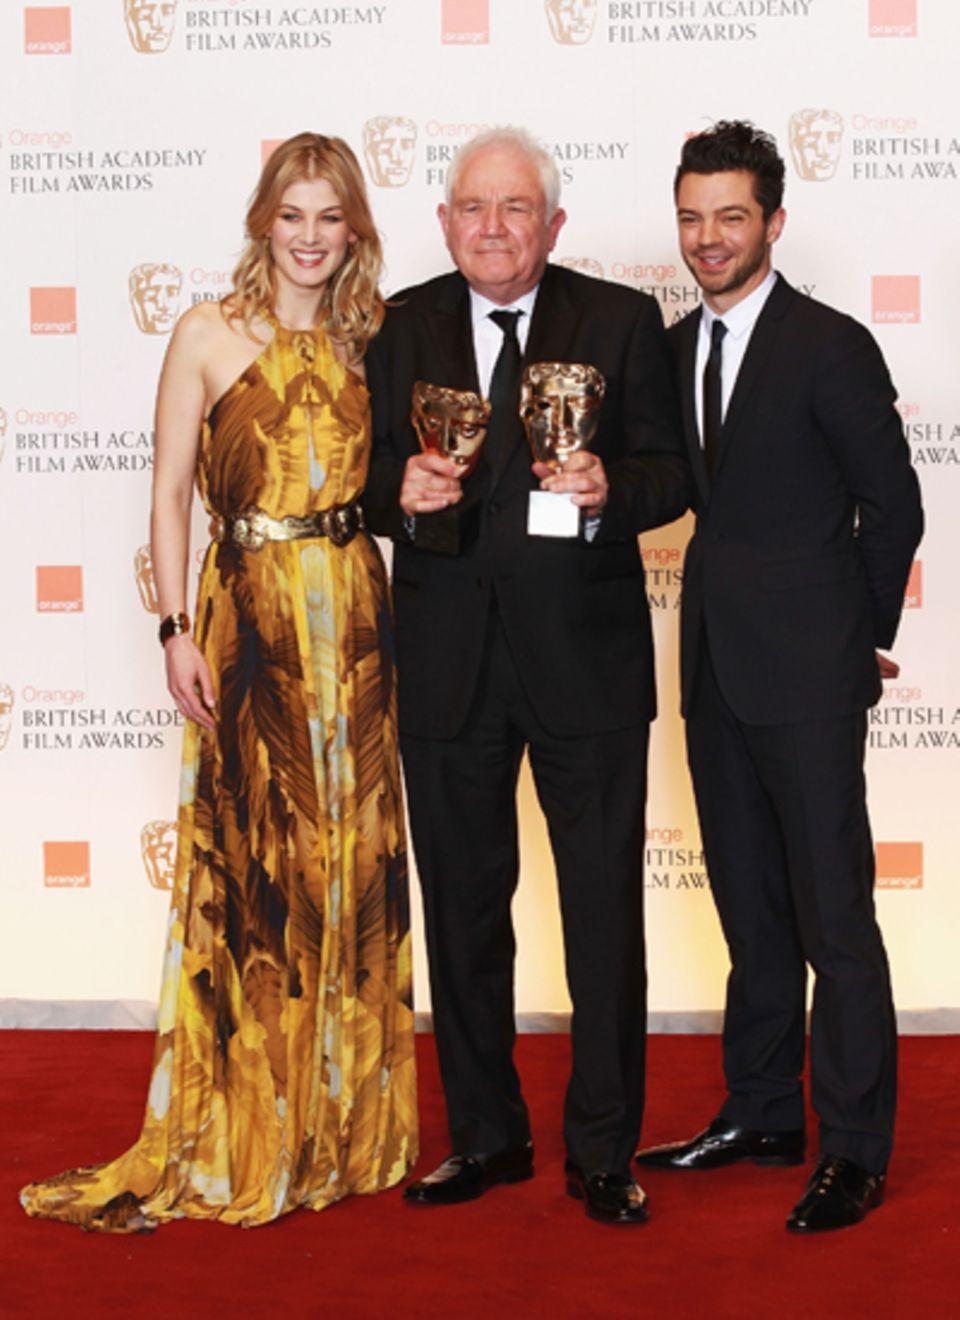 """Rosamund Pike und Dominic Cooper nehmen David Seidler in die Mitte, der sich über Auszeichnungen für """"The King's Speech"""" freuen"""